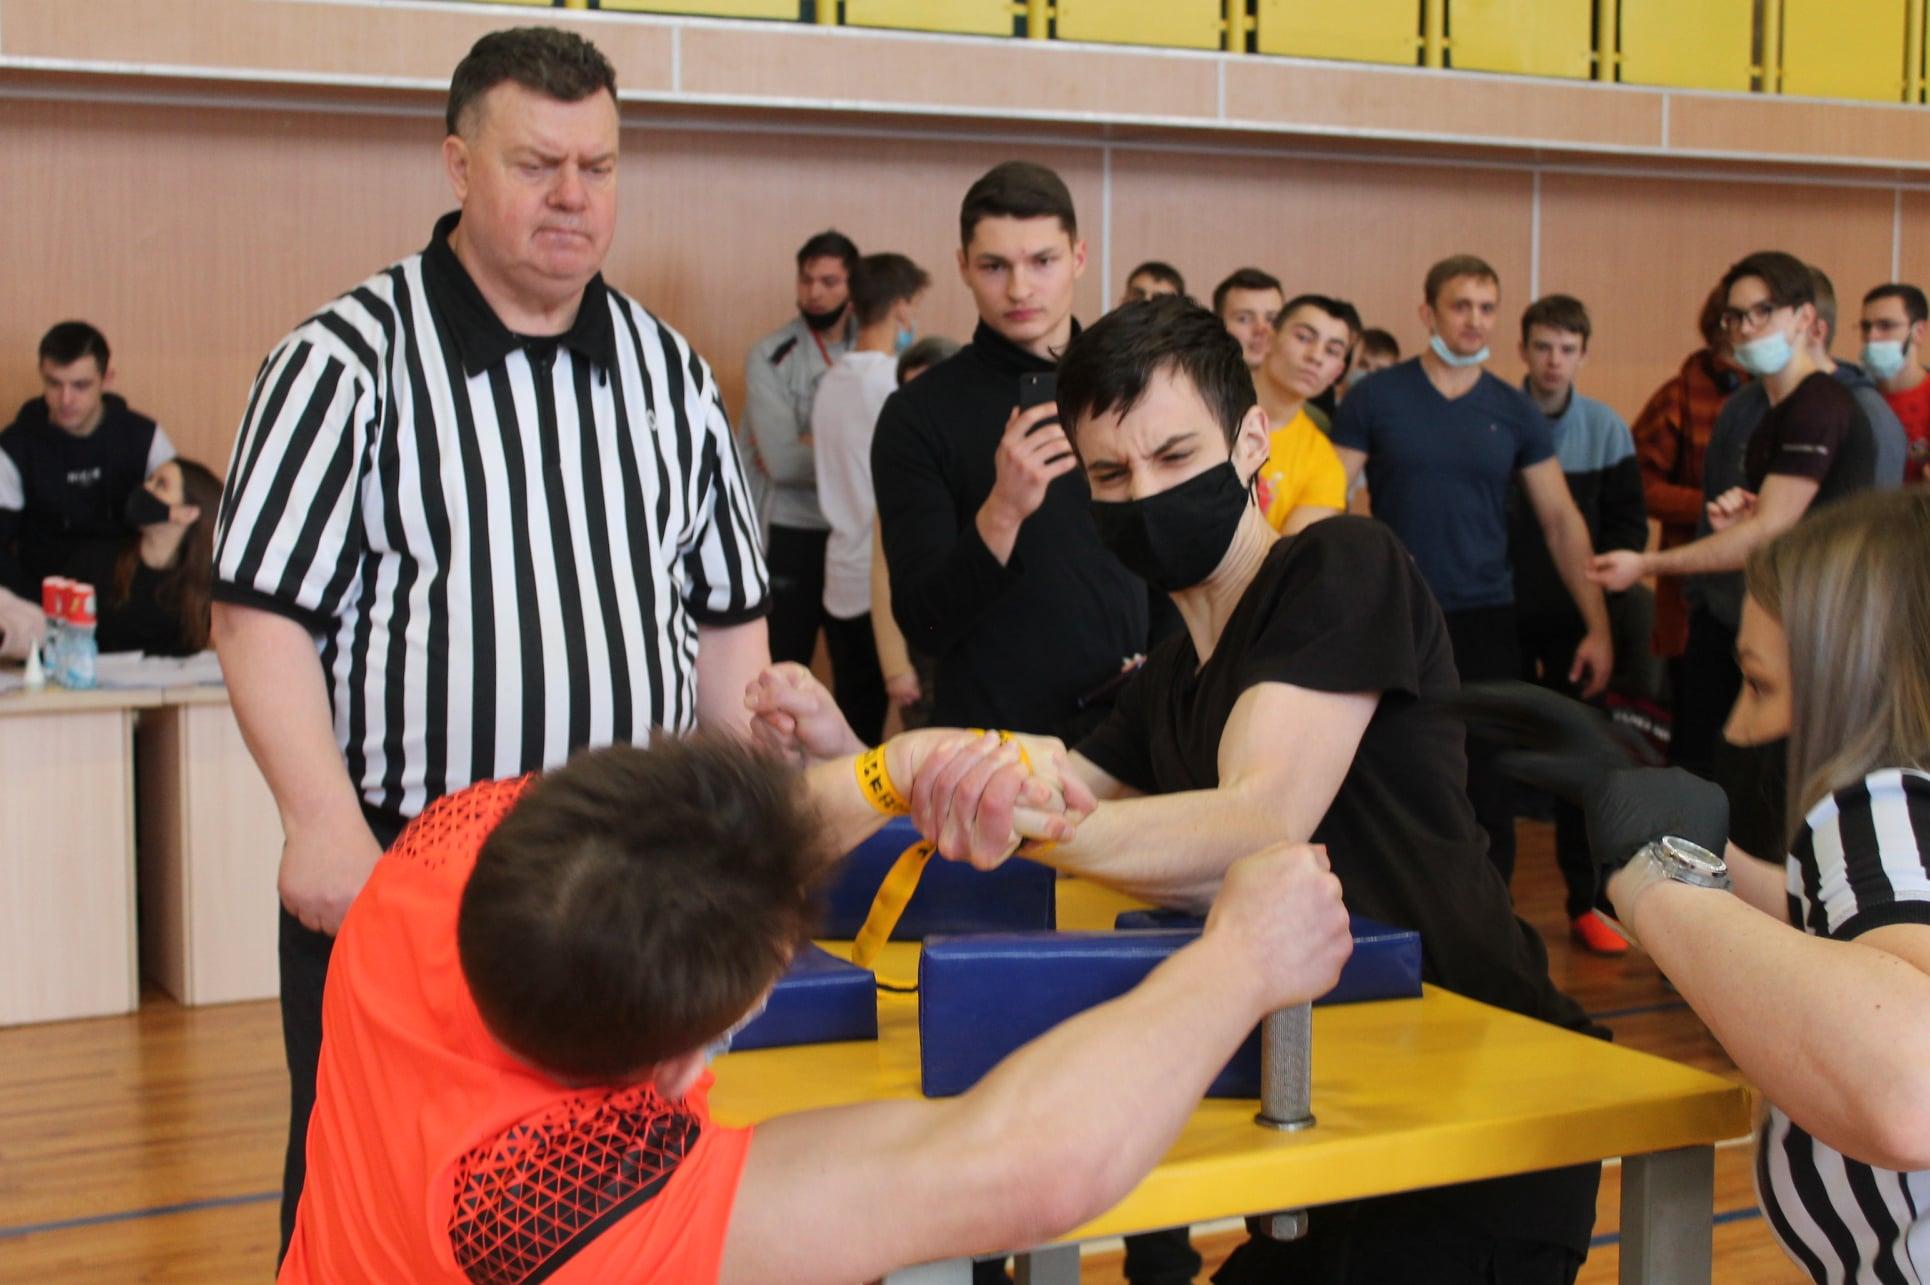 У Борисполі армреслери Київщини змагалися, хто кращий - спортивні змагання, переможці, медалі - 150775168 2807400936170549 4806405693070428656 o